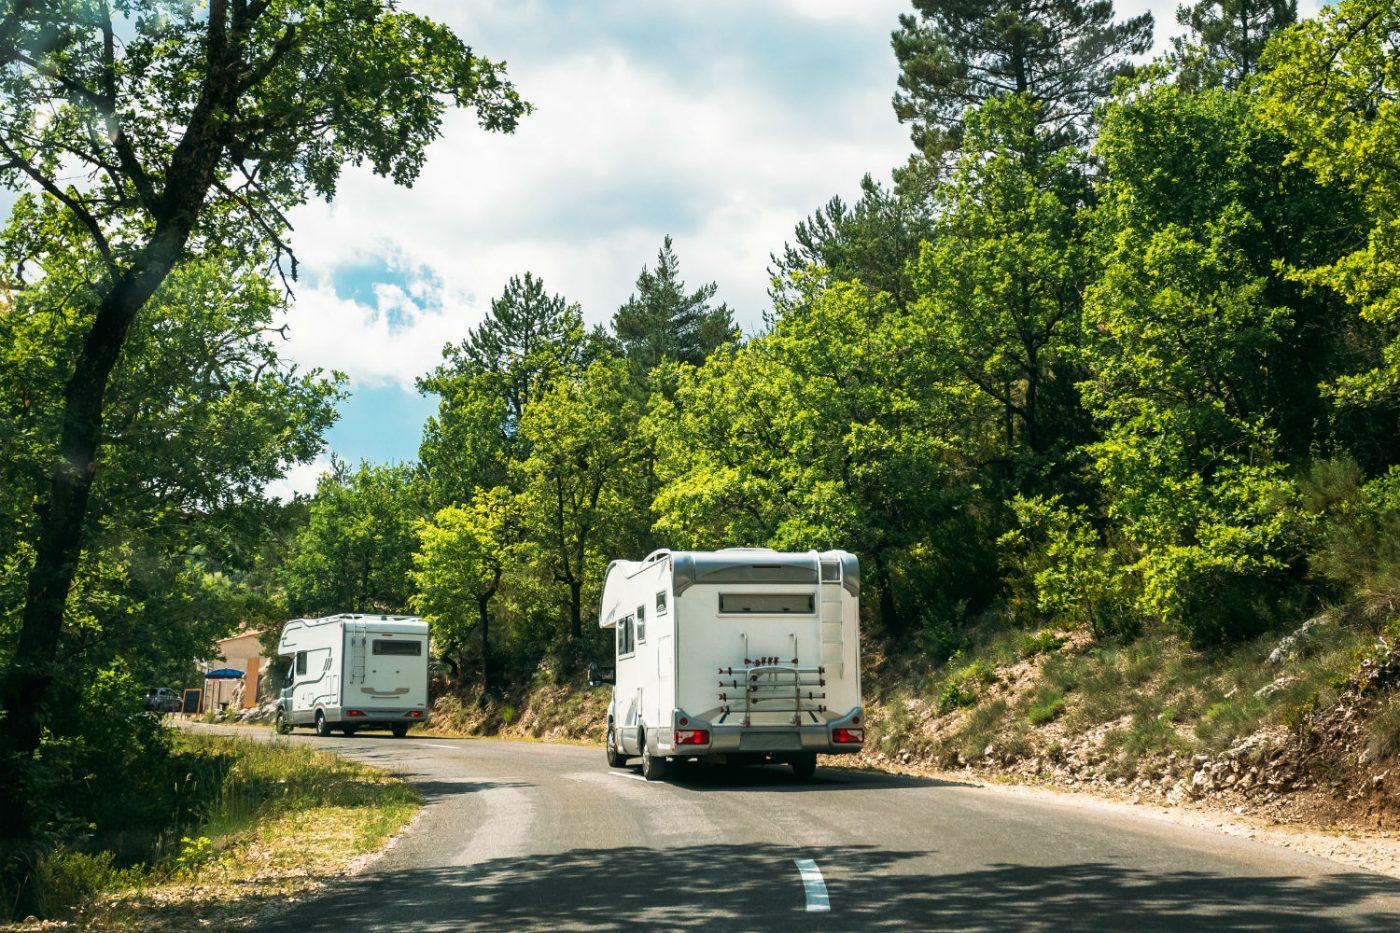 Geht es mit mehreren Wohnmobilen in den Urlaub, sollte Einigkeit über die Route bestehen.